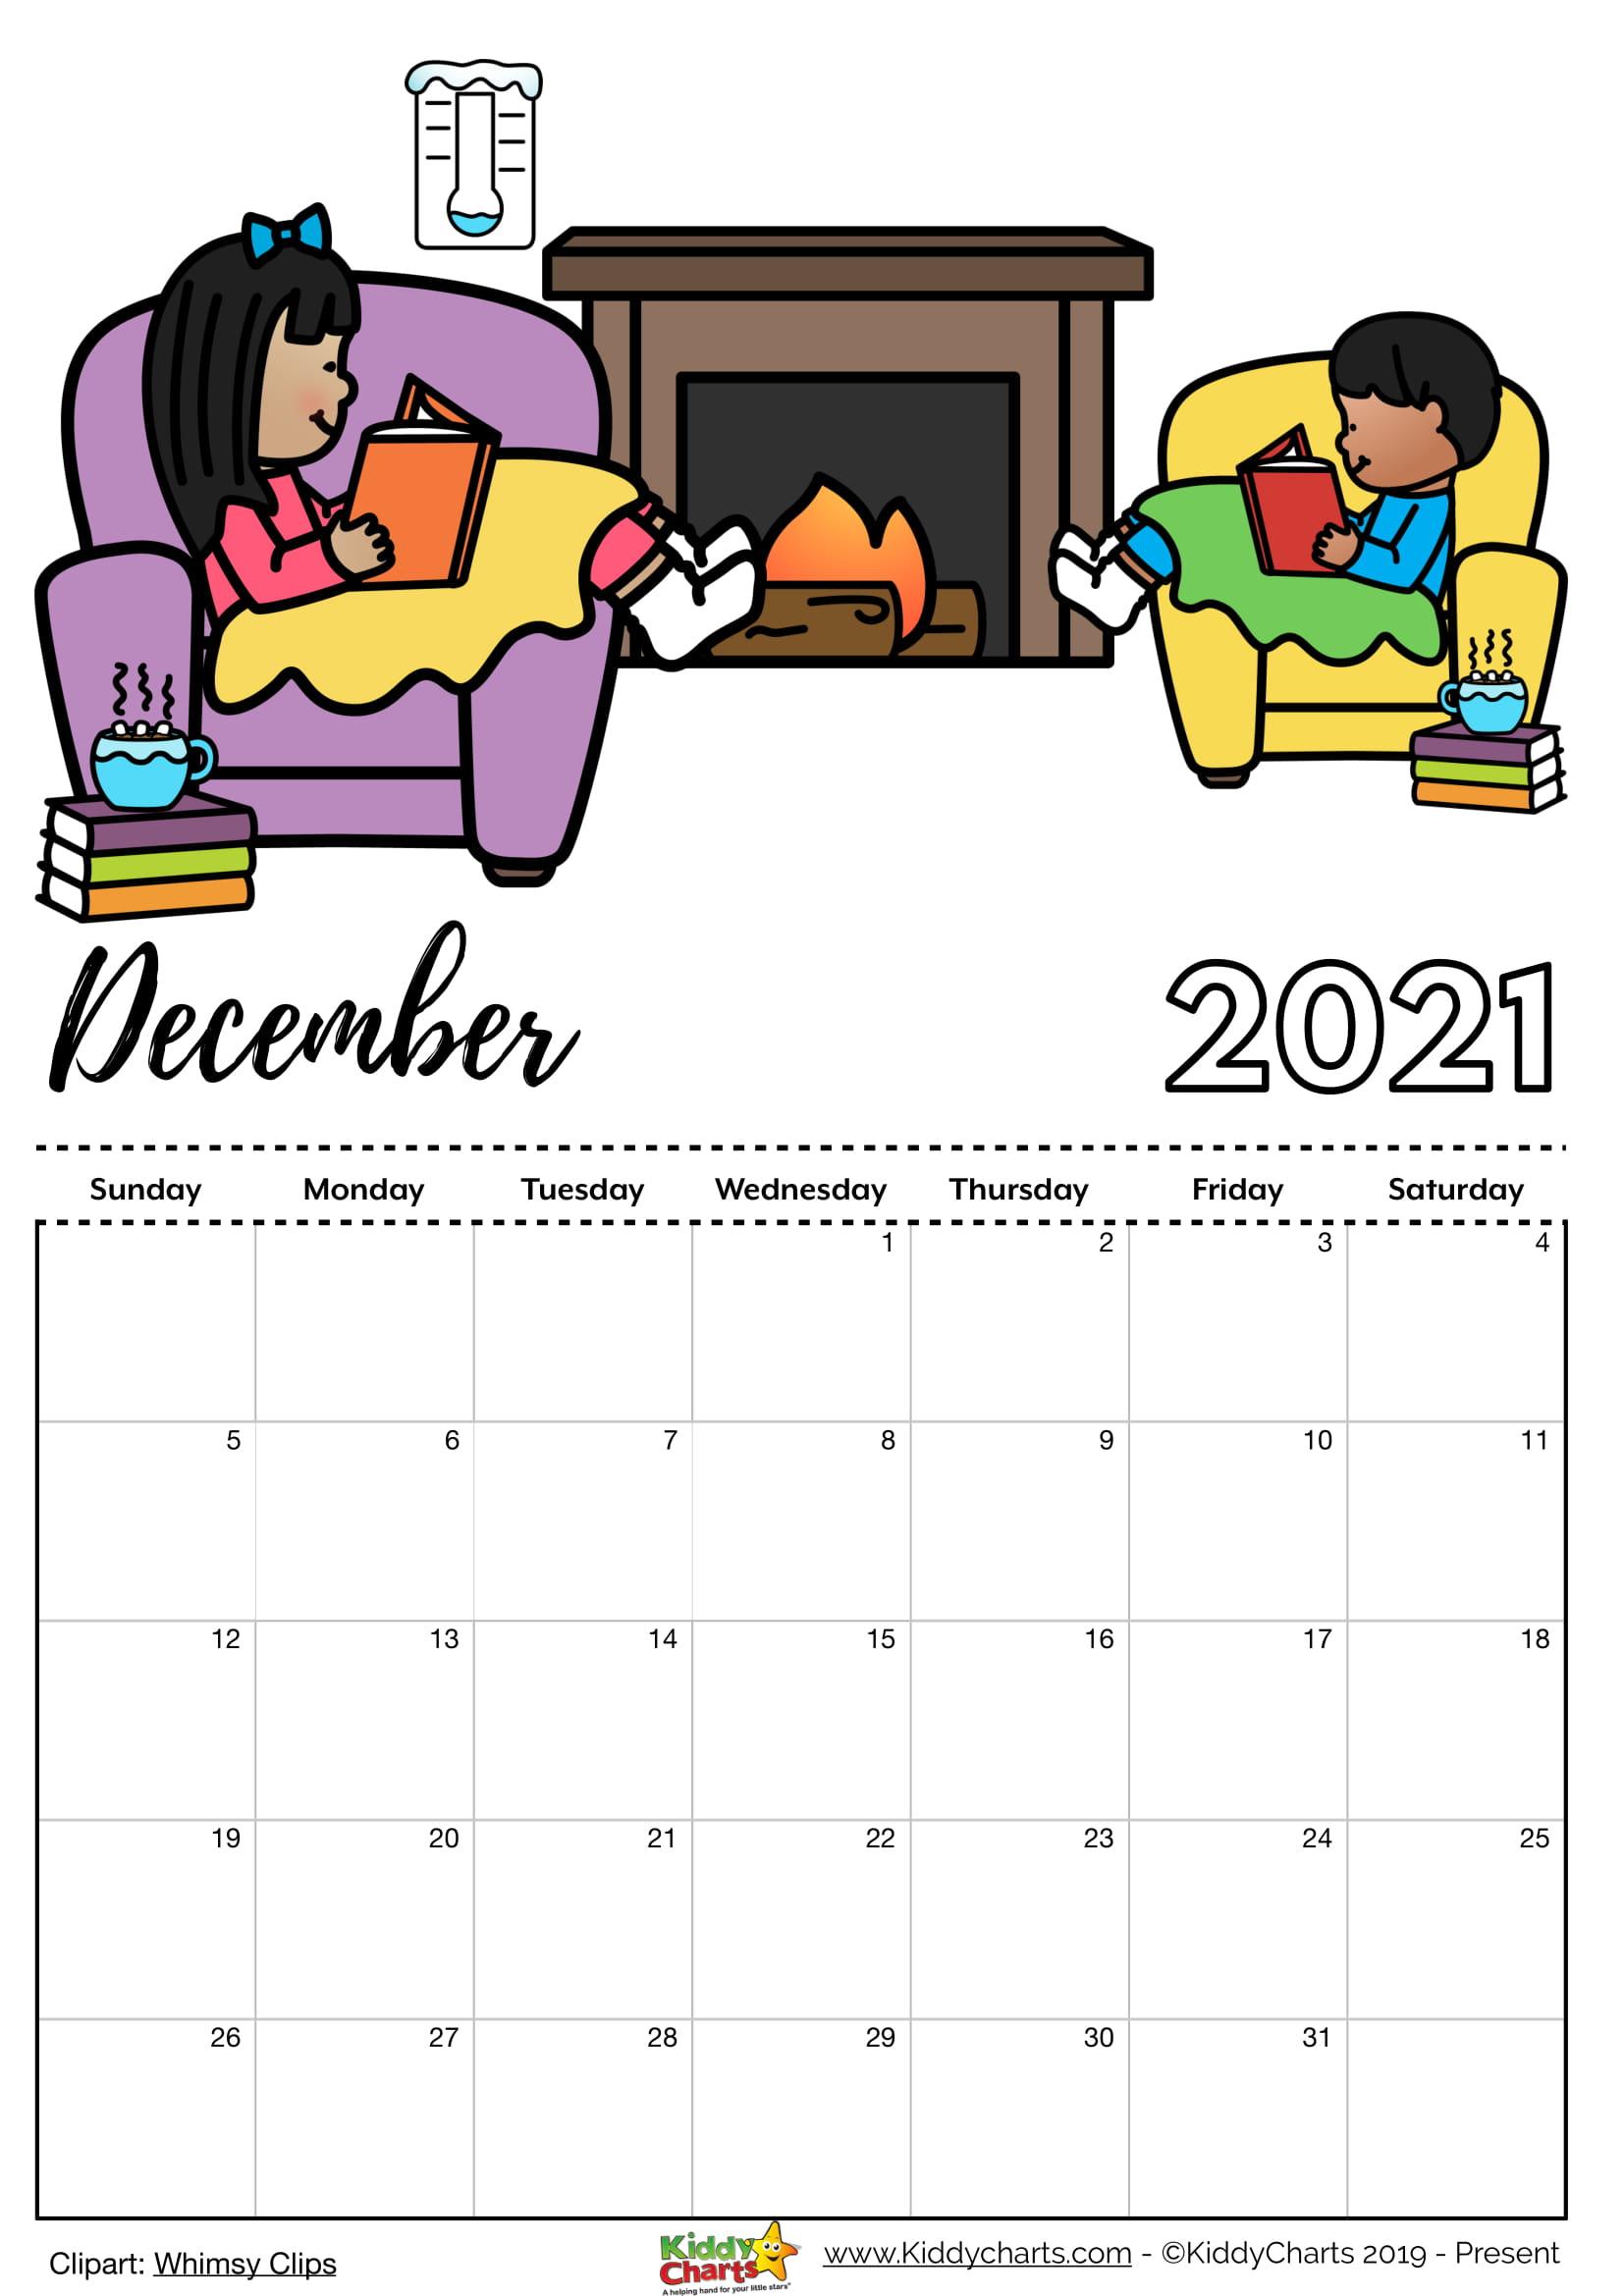 Editable 2021 Calendar for Sale - kiddycharts.com